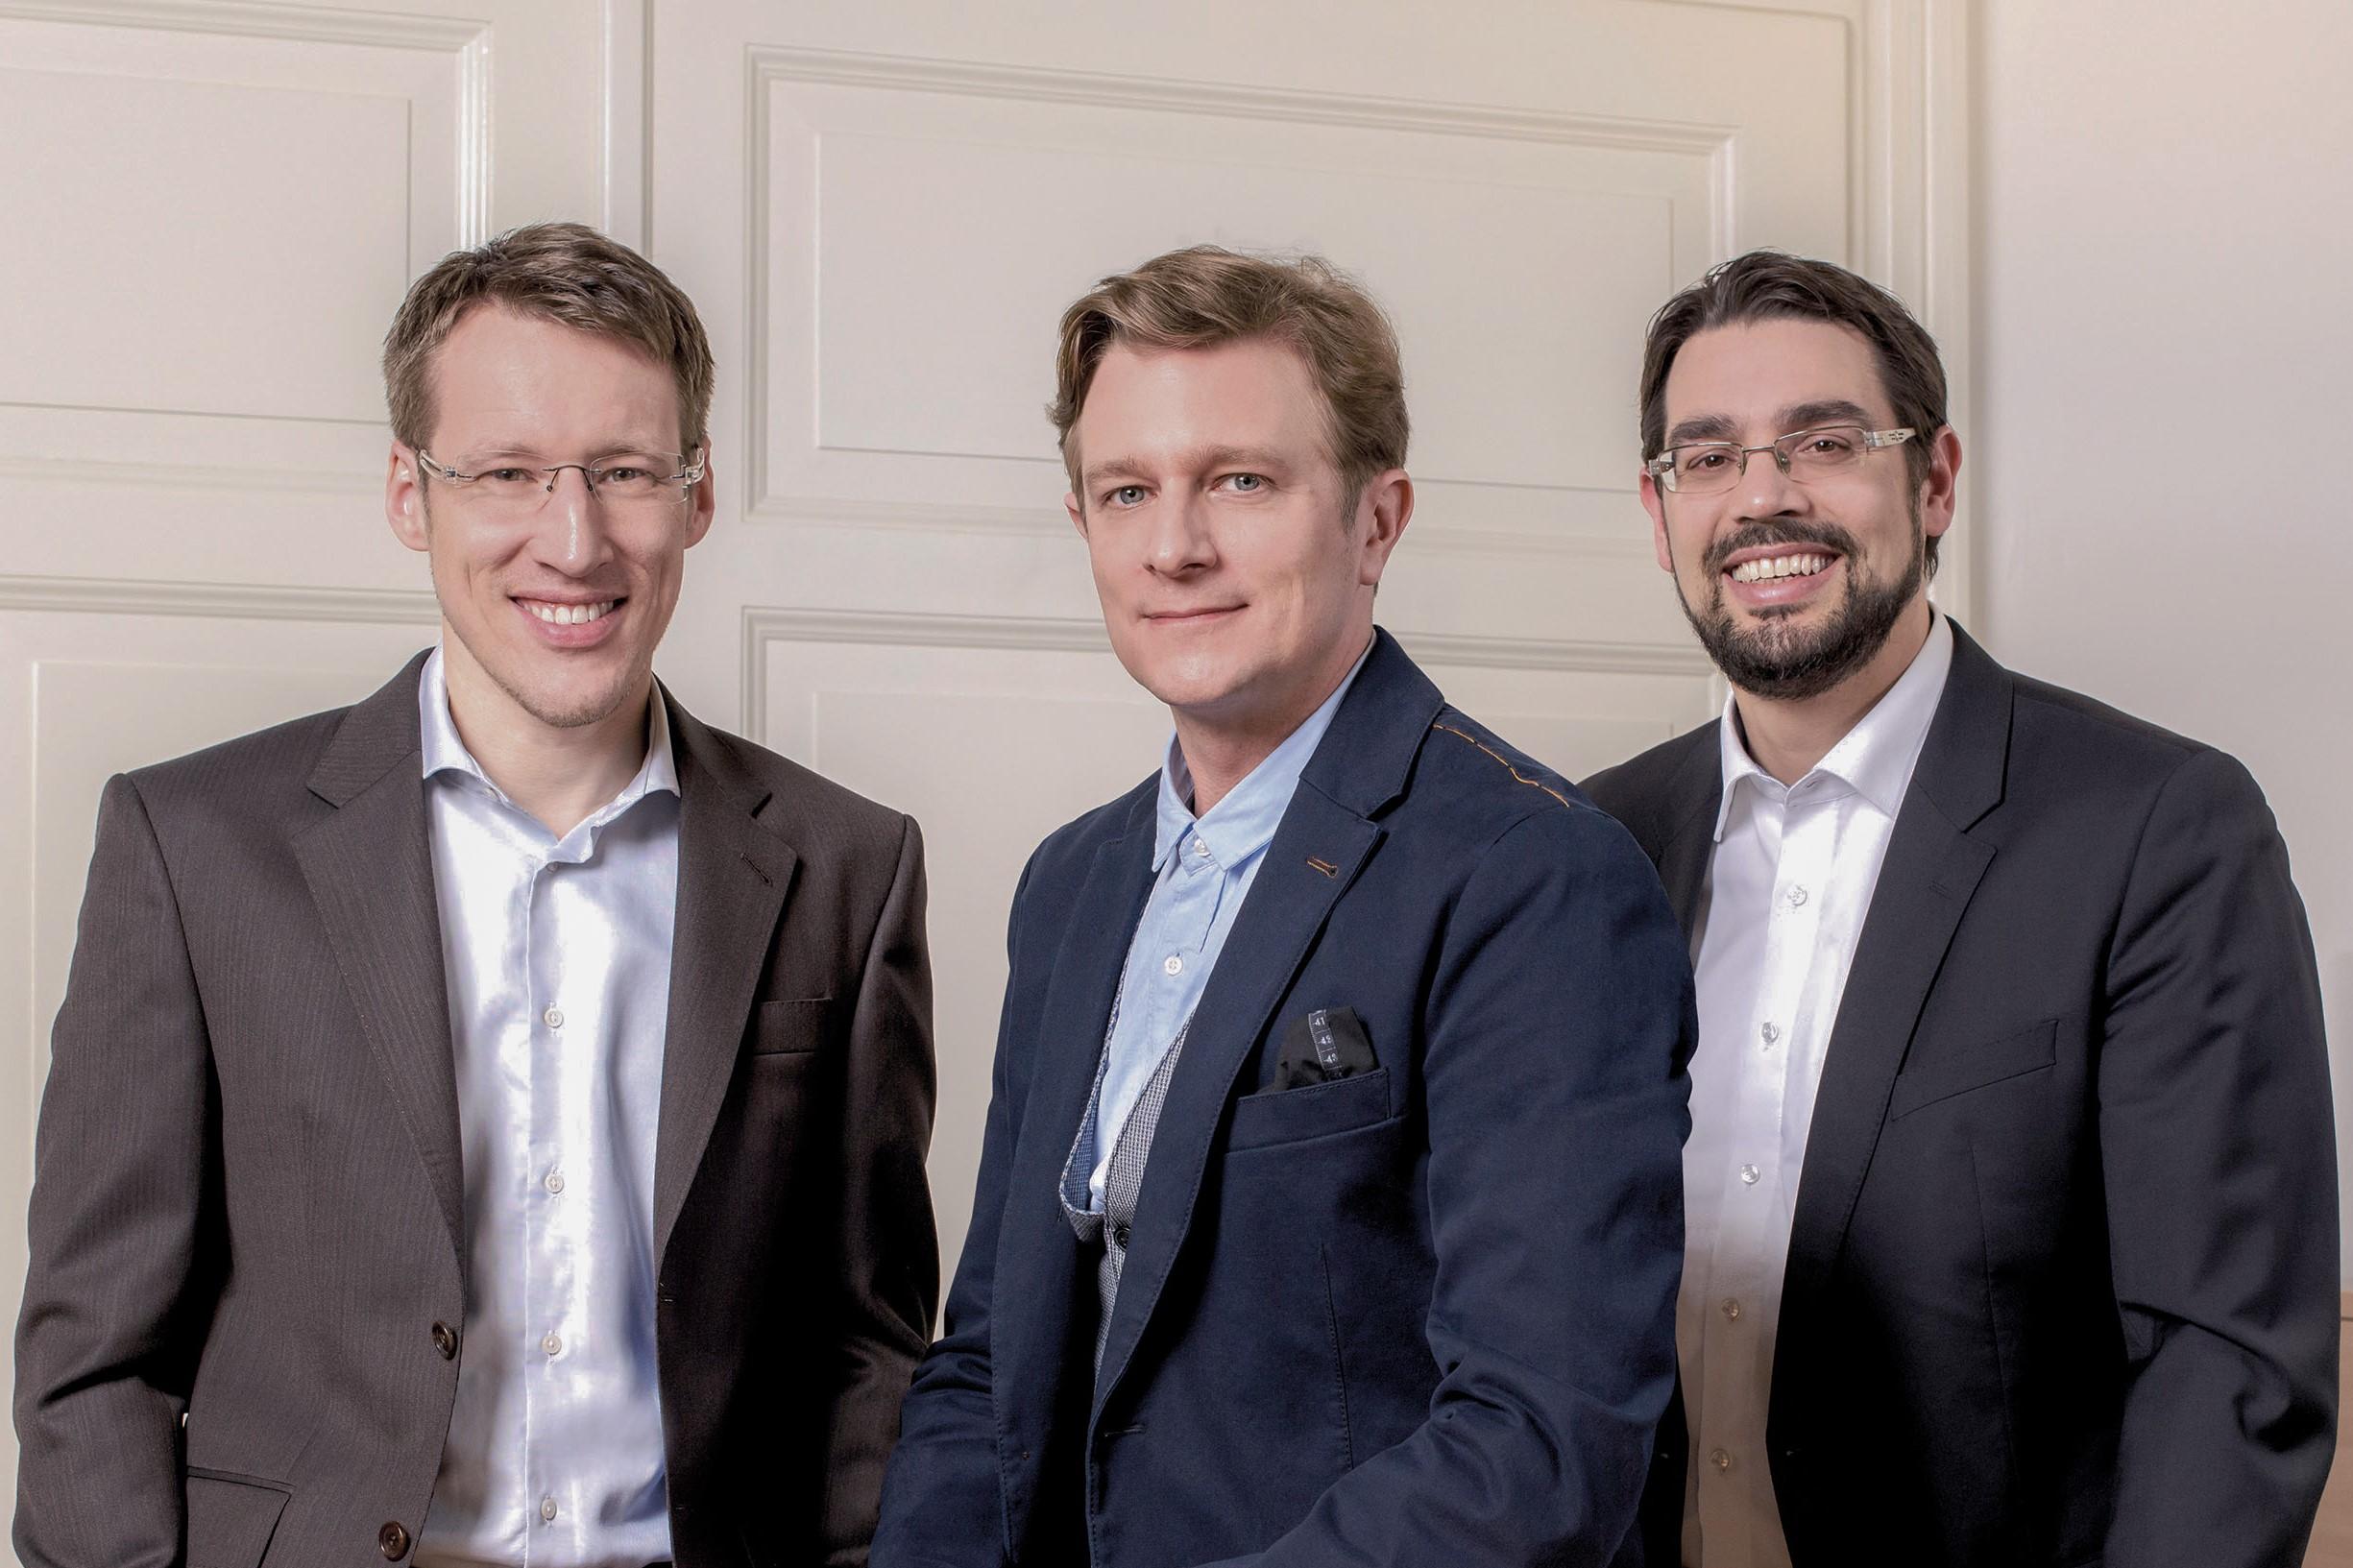 Geschäftsführer VEND Consulting GmbH